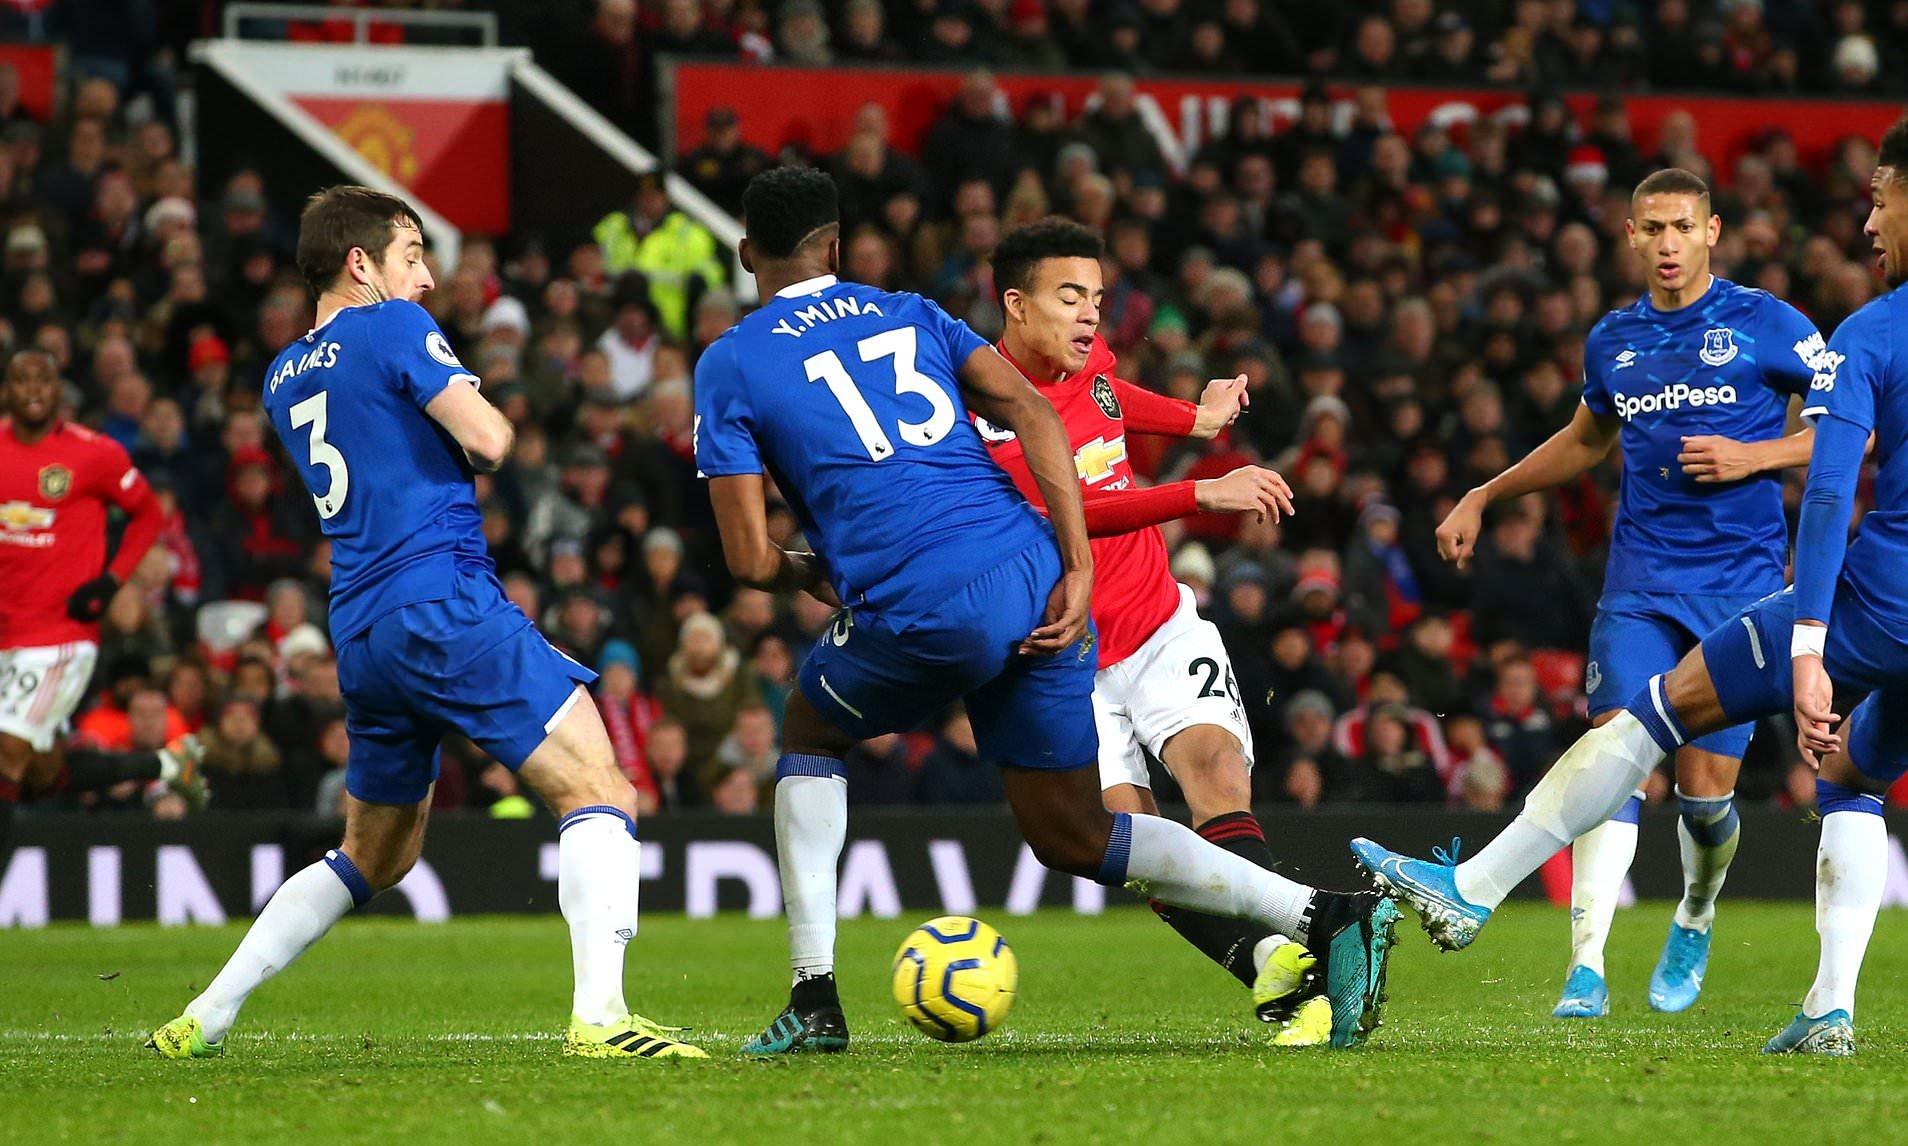 Soi kèo Everton vs Manchester United, 03h00 ngày 24/12 - Cúp Liên đoàn Anh